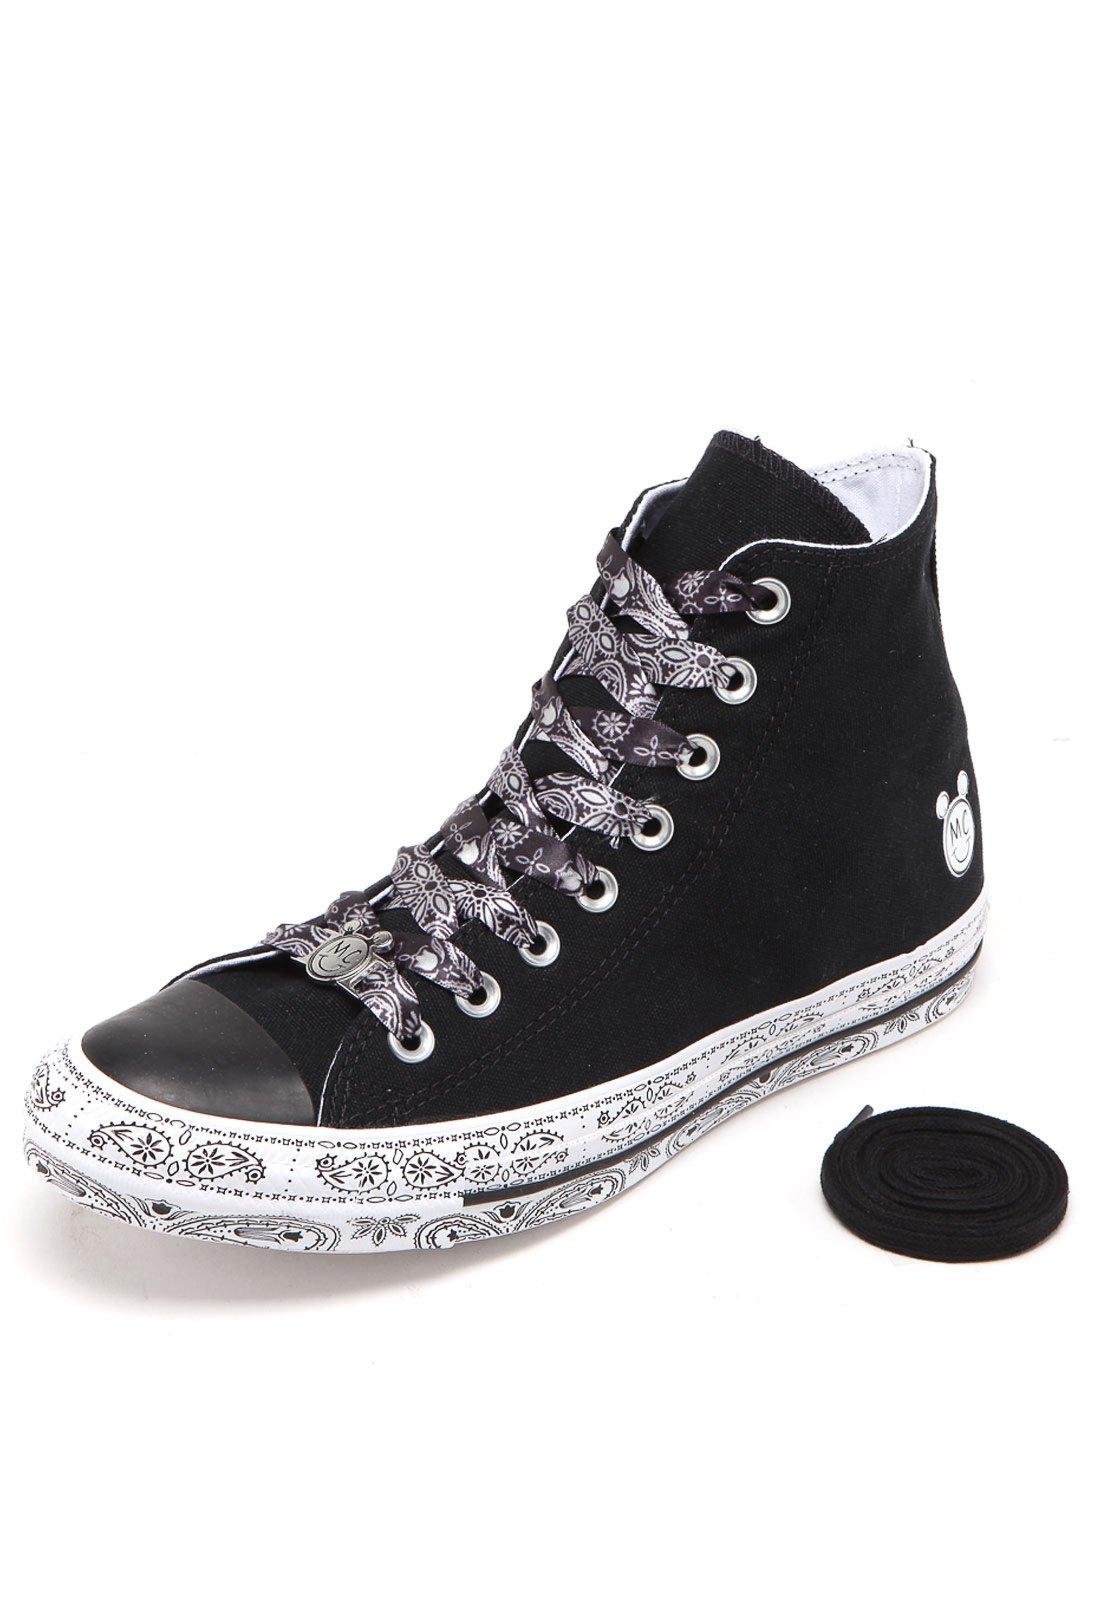 Adivinha quem aterrissou aqui na Kanui  Miley Cyrus com sua coleção em  parceria com a Converse! Vem curtir esse calçado pra lá de charmoso.  D 0c9a4853839af